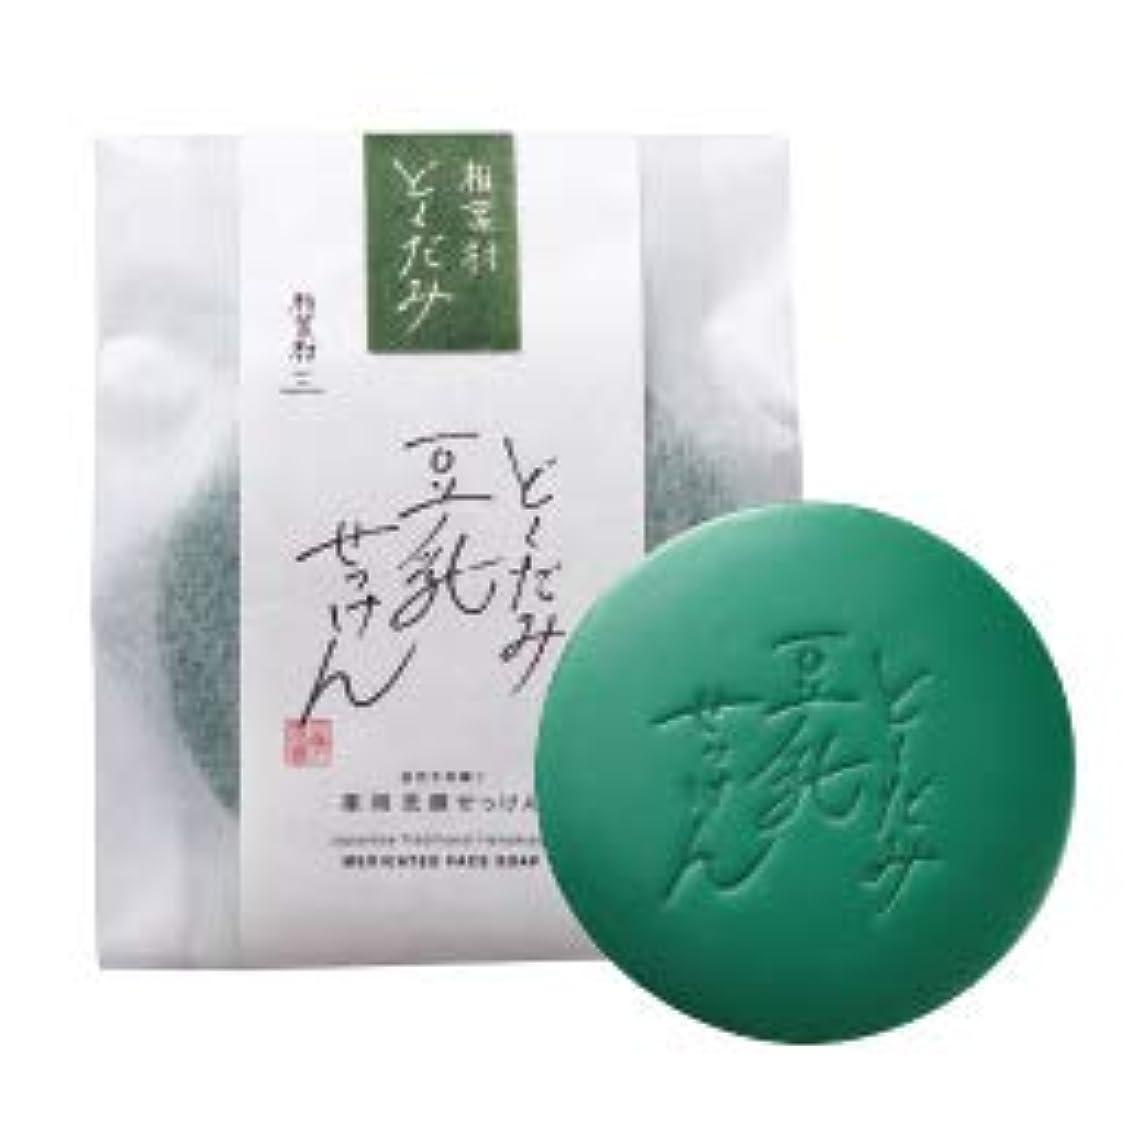 【医薬部外品】豆腐の盛田屋 薬用どくだみ豆乳せっけん 自然生活 100g